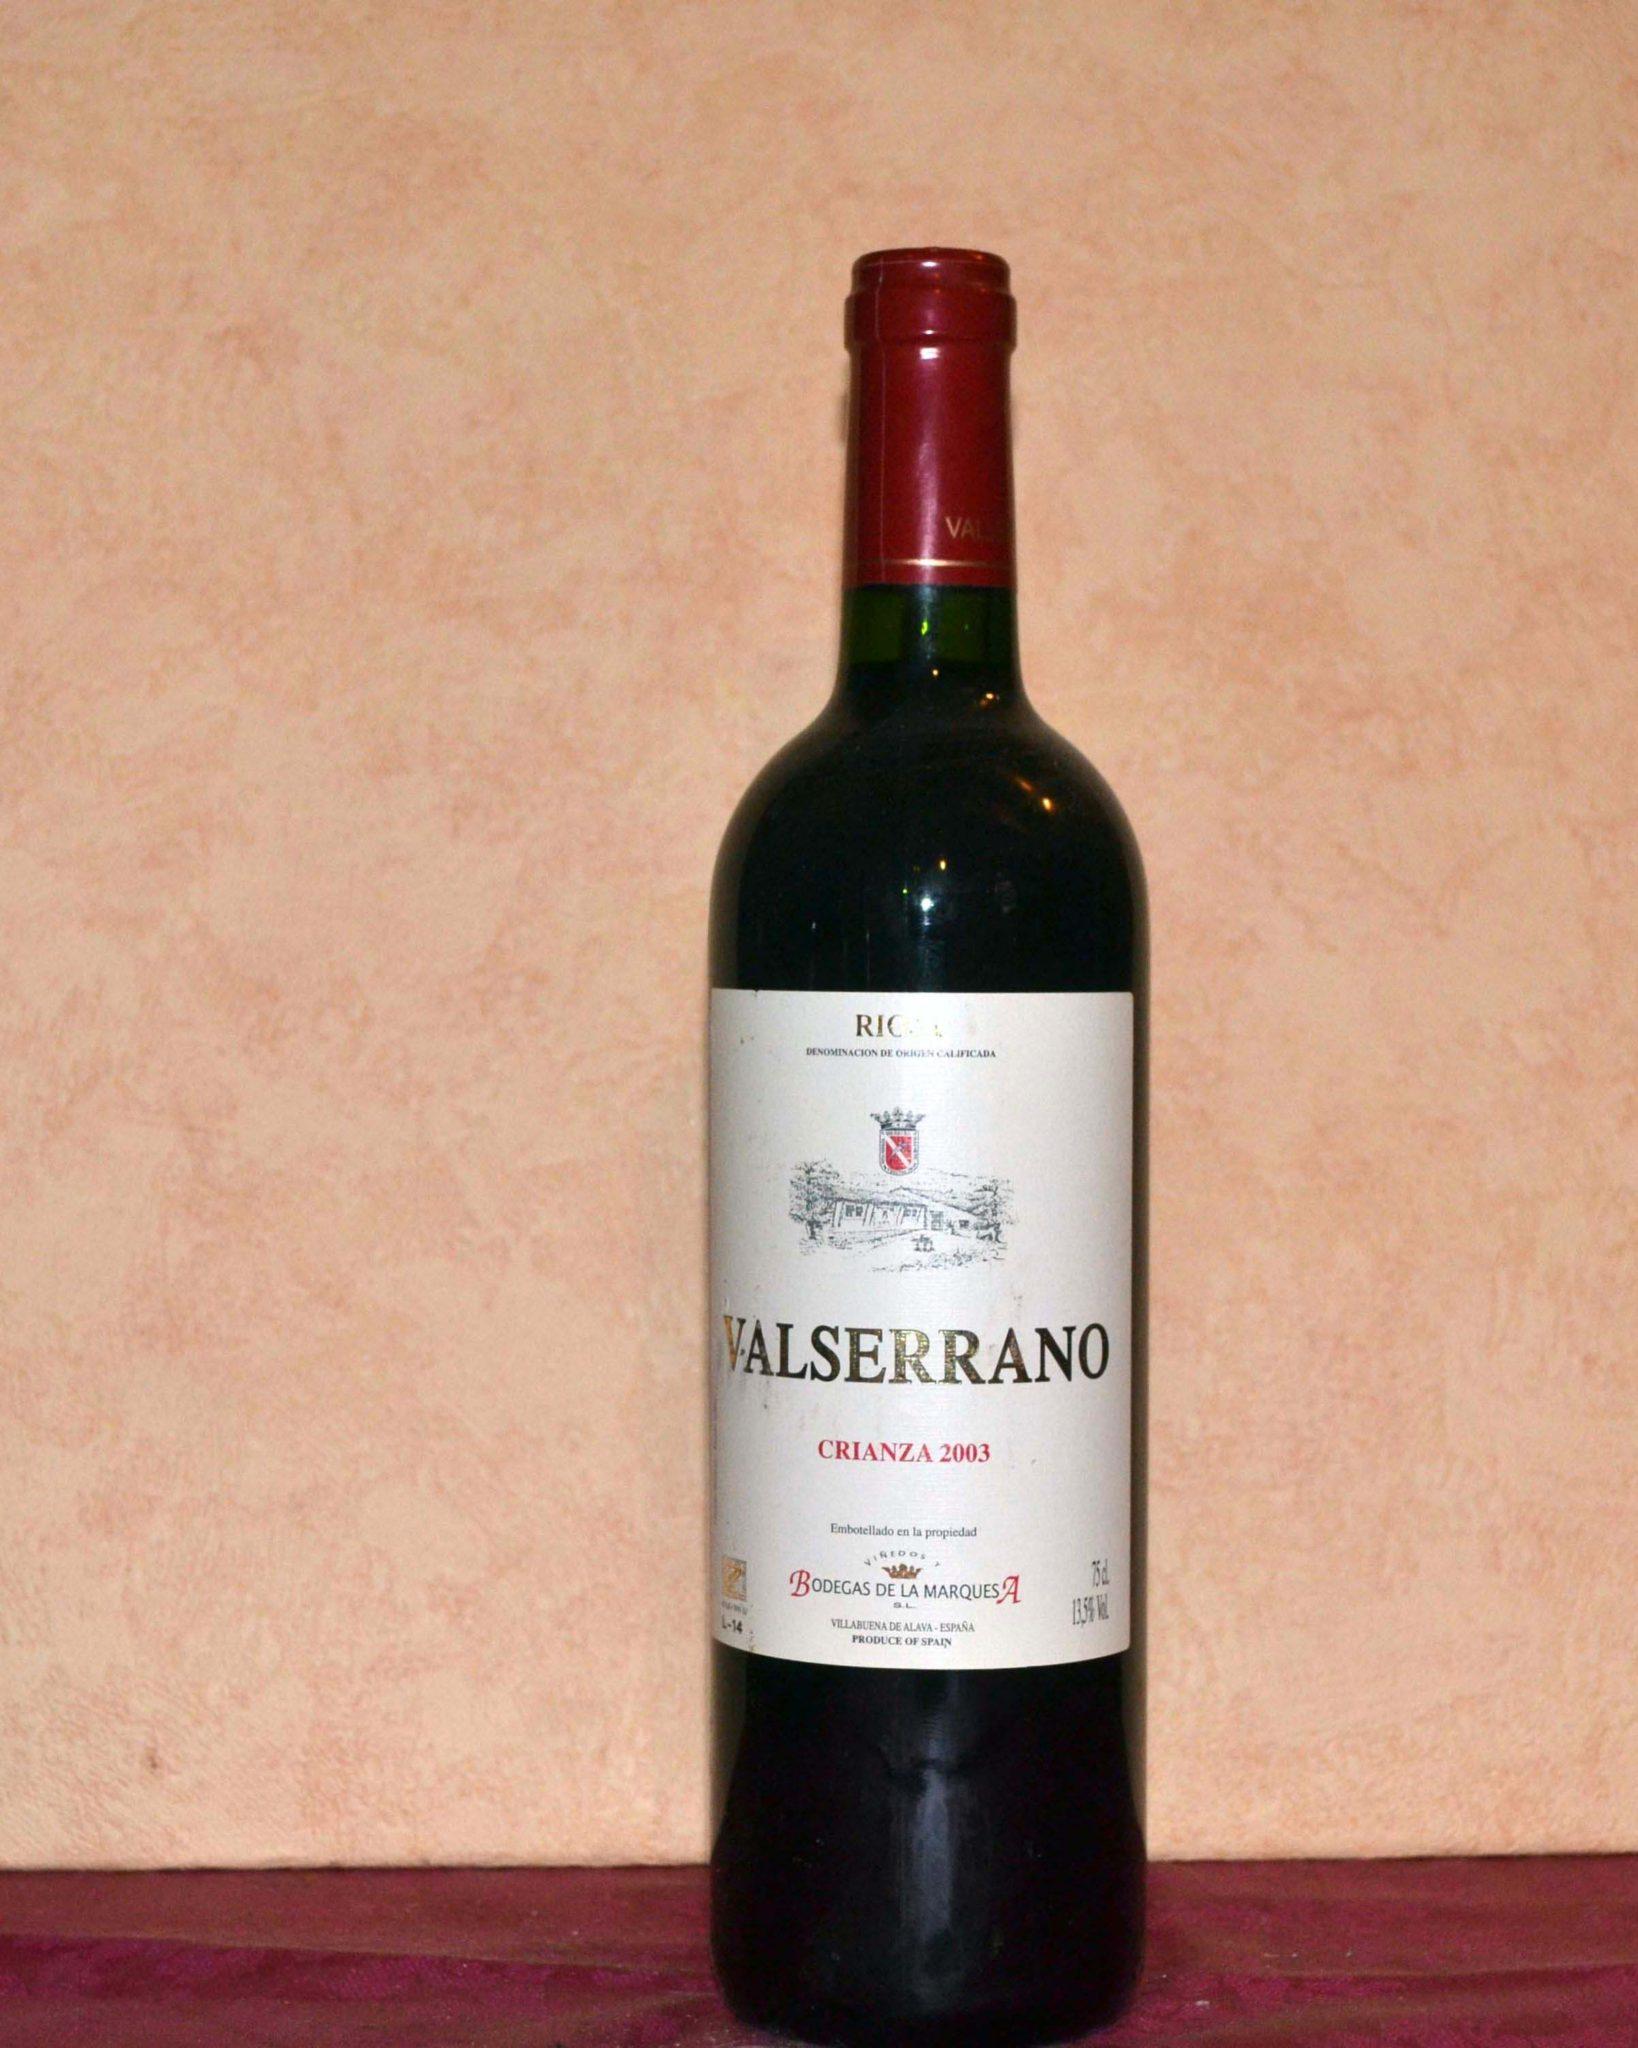 Valserrano red Crianza 2003